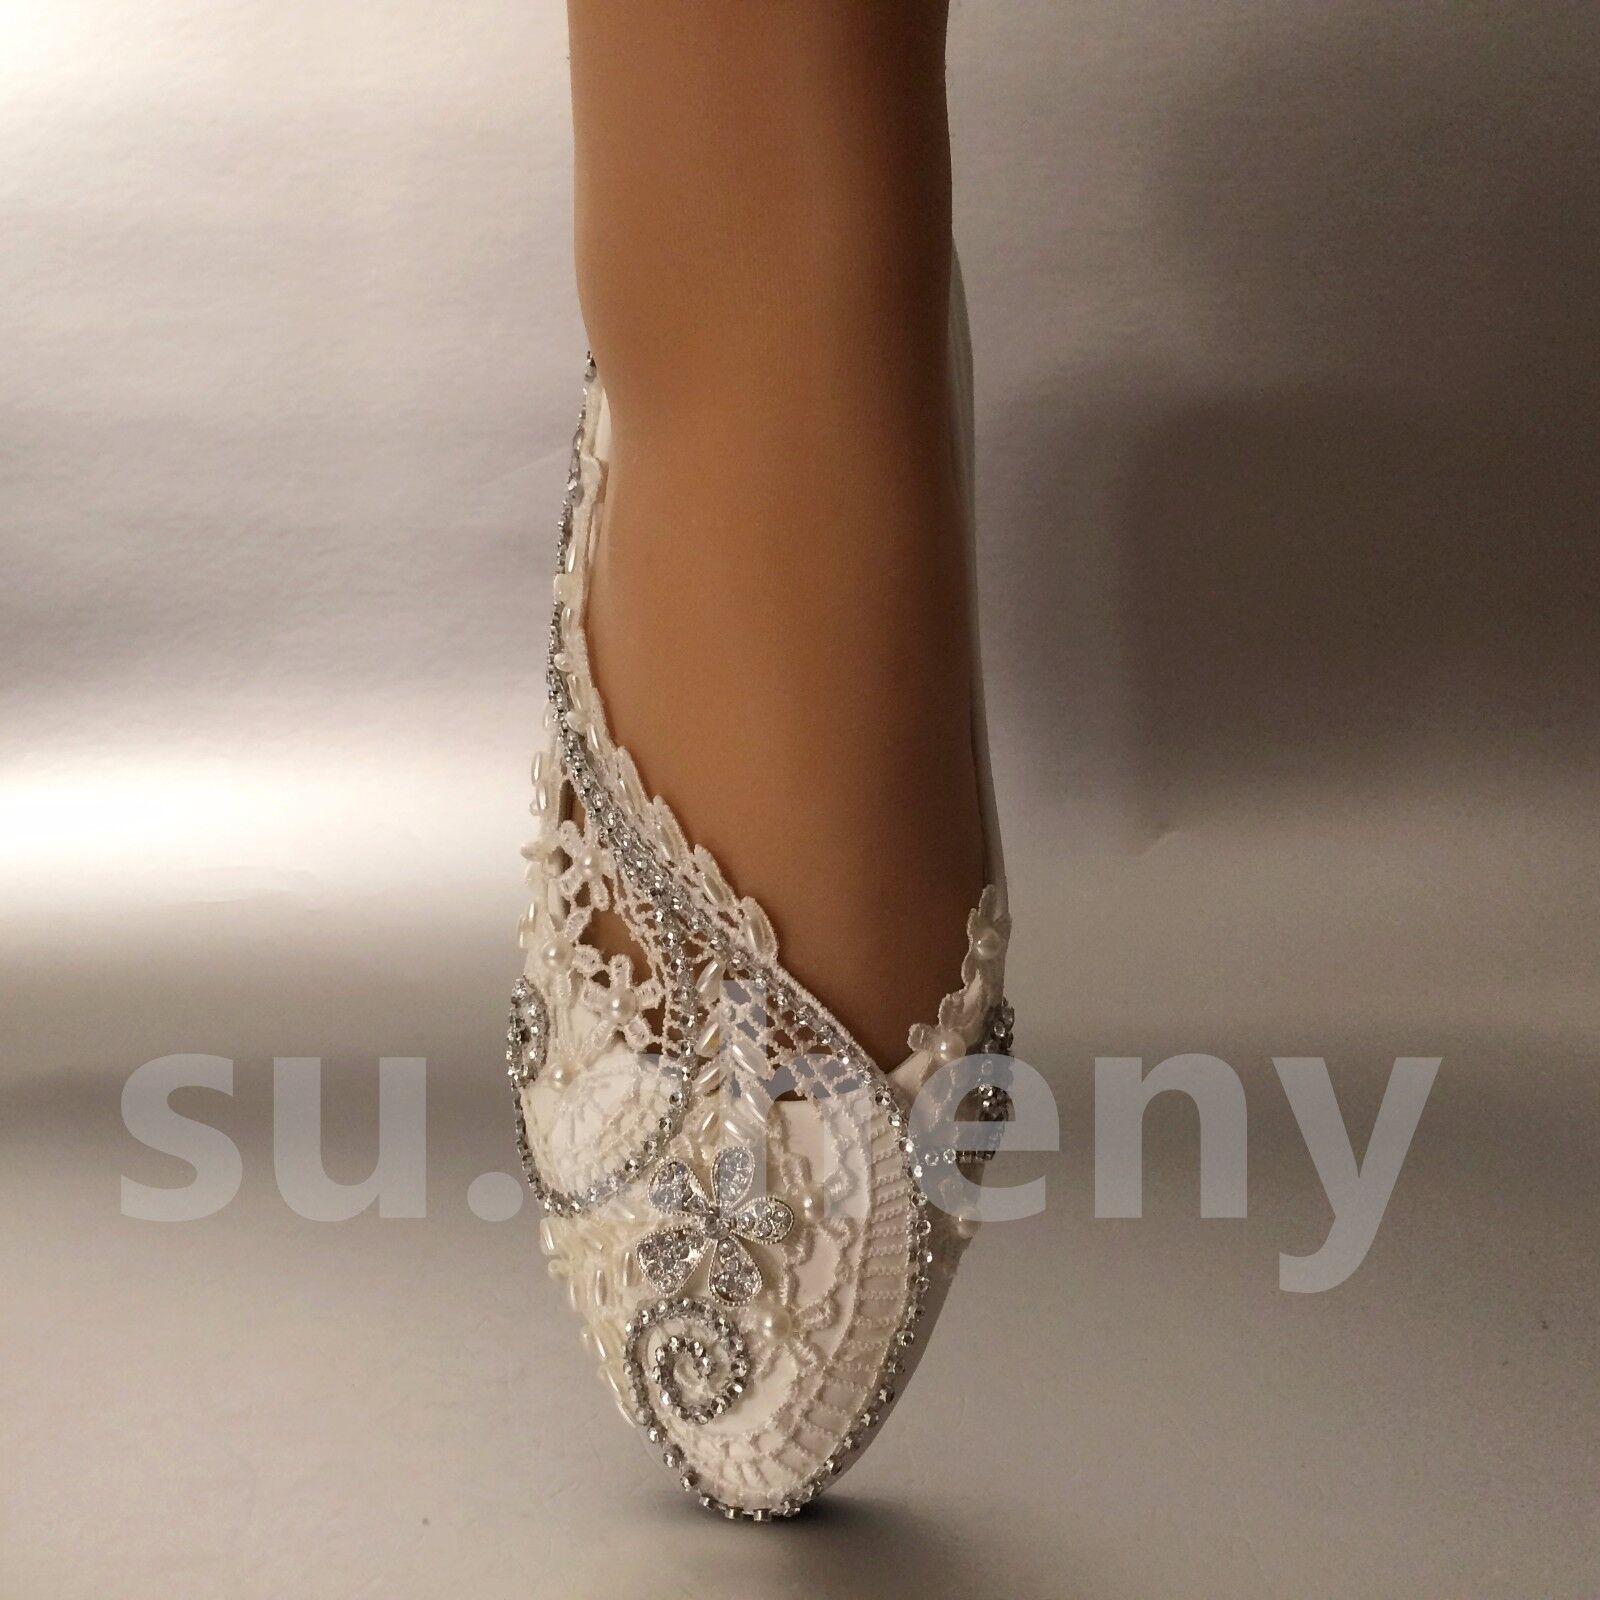 Weiß Elfenbein Perlen Spitze Kristall Hochzeit Schuhe Flach Ballett Ballett Ballett Braut Größe     | Billiger als der Preis  | Langfristiger Ruf  | Billiger als der Preis  a1ec52